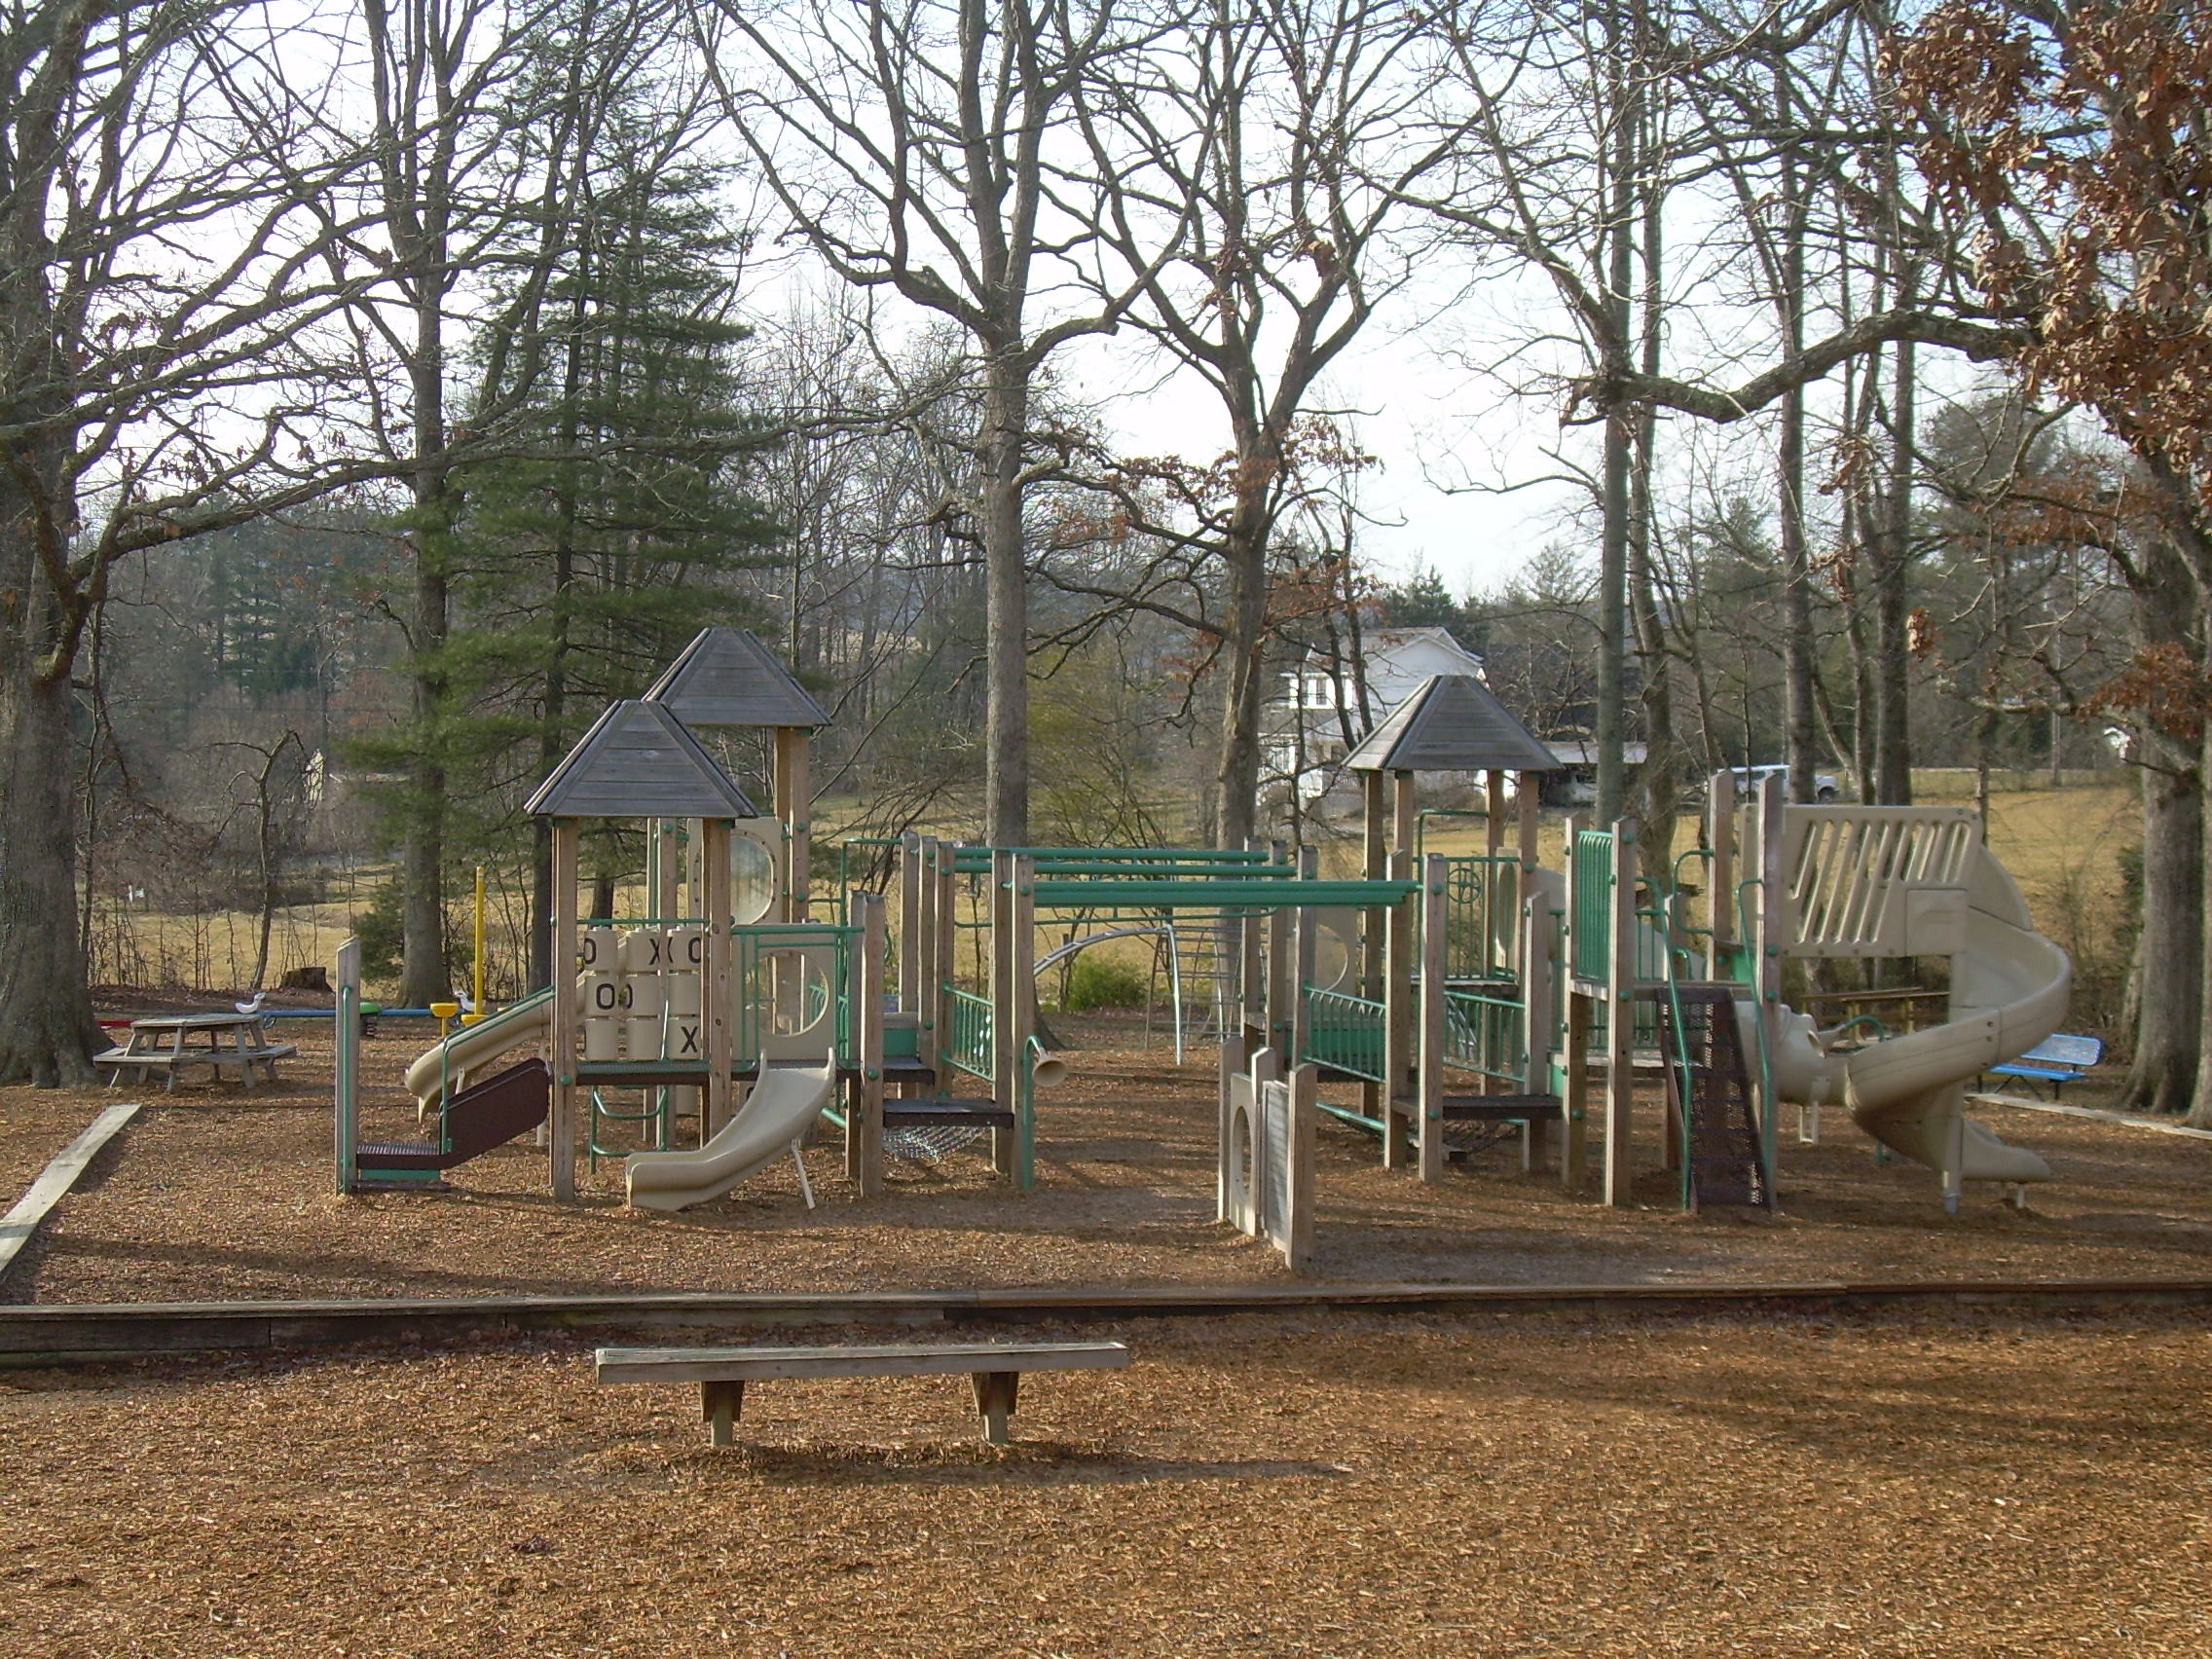 Mills River Playground